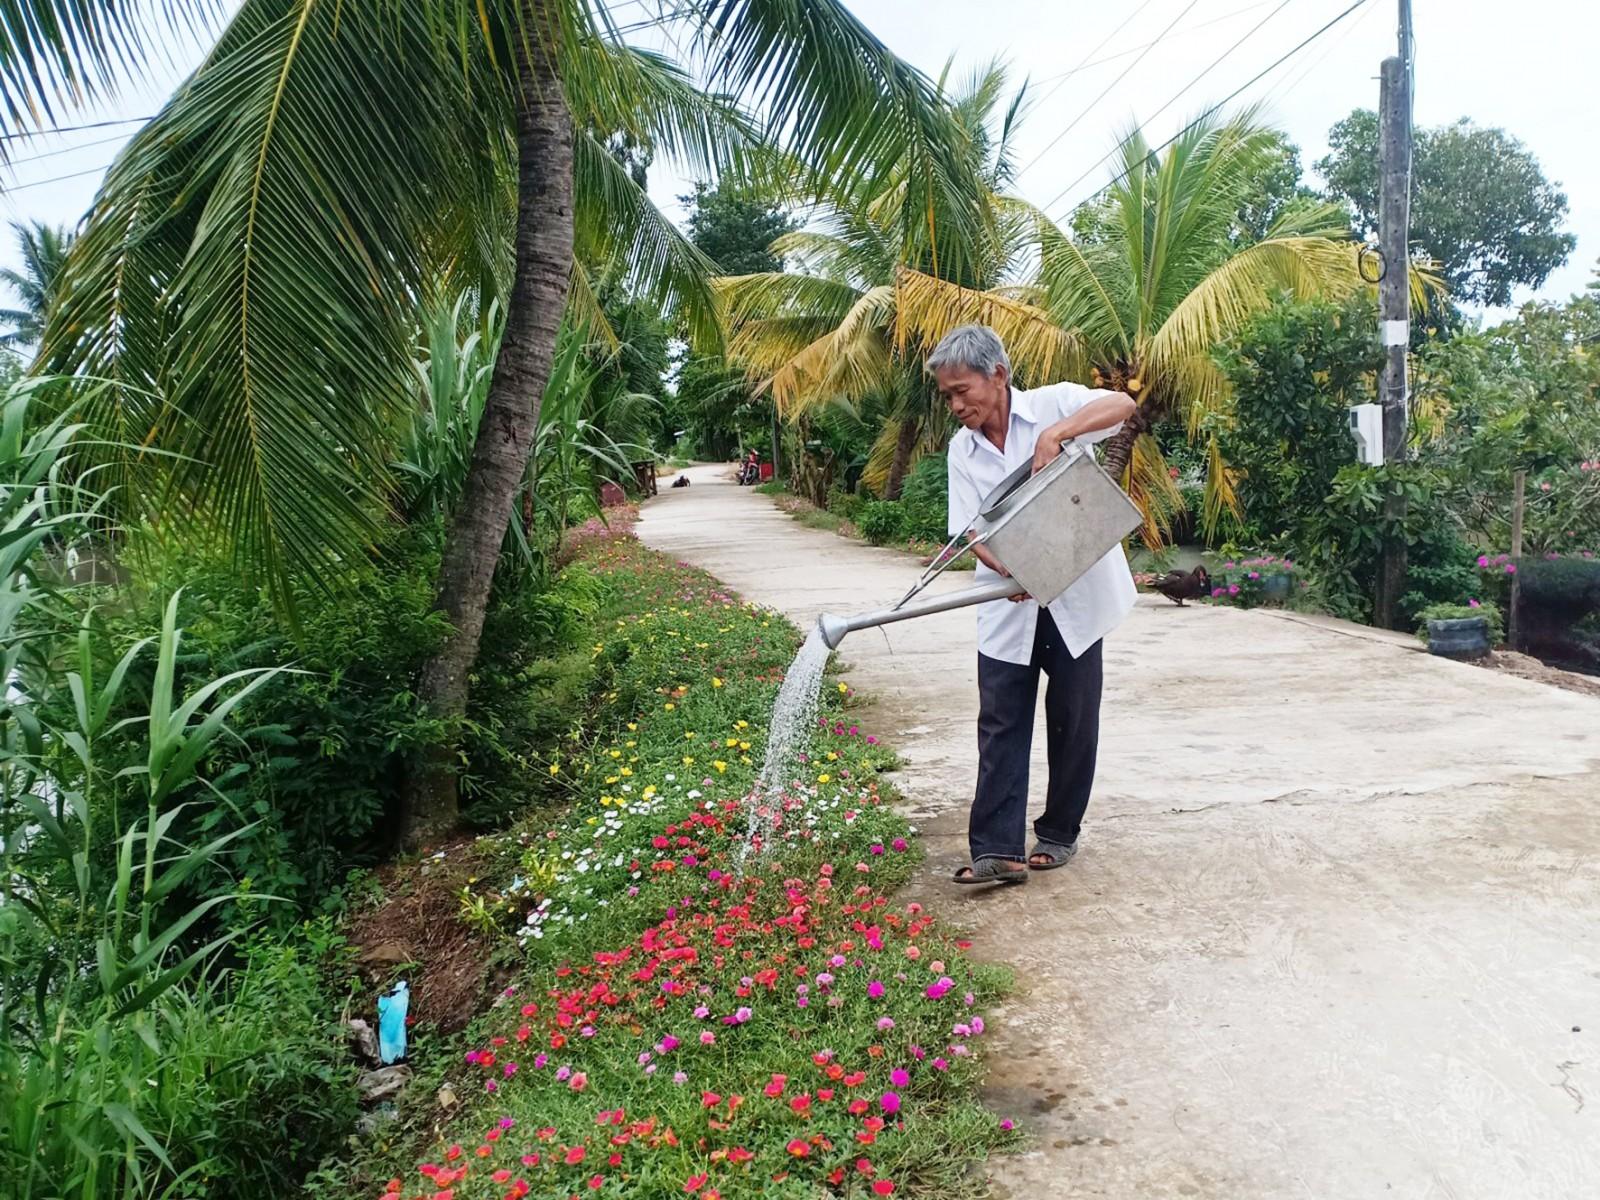 Người dân trồng và chăm sóc hoa kiểng hai bên đường ở kinh Năm Kỵ,  khu vực Thới Hòa C.